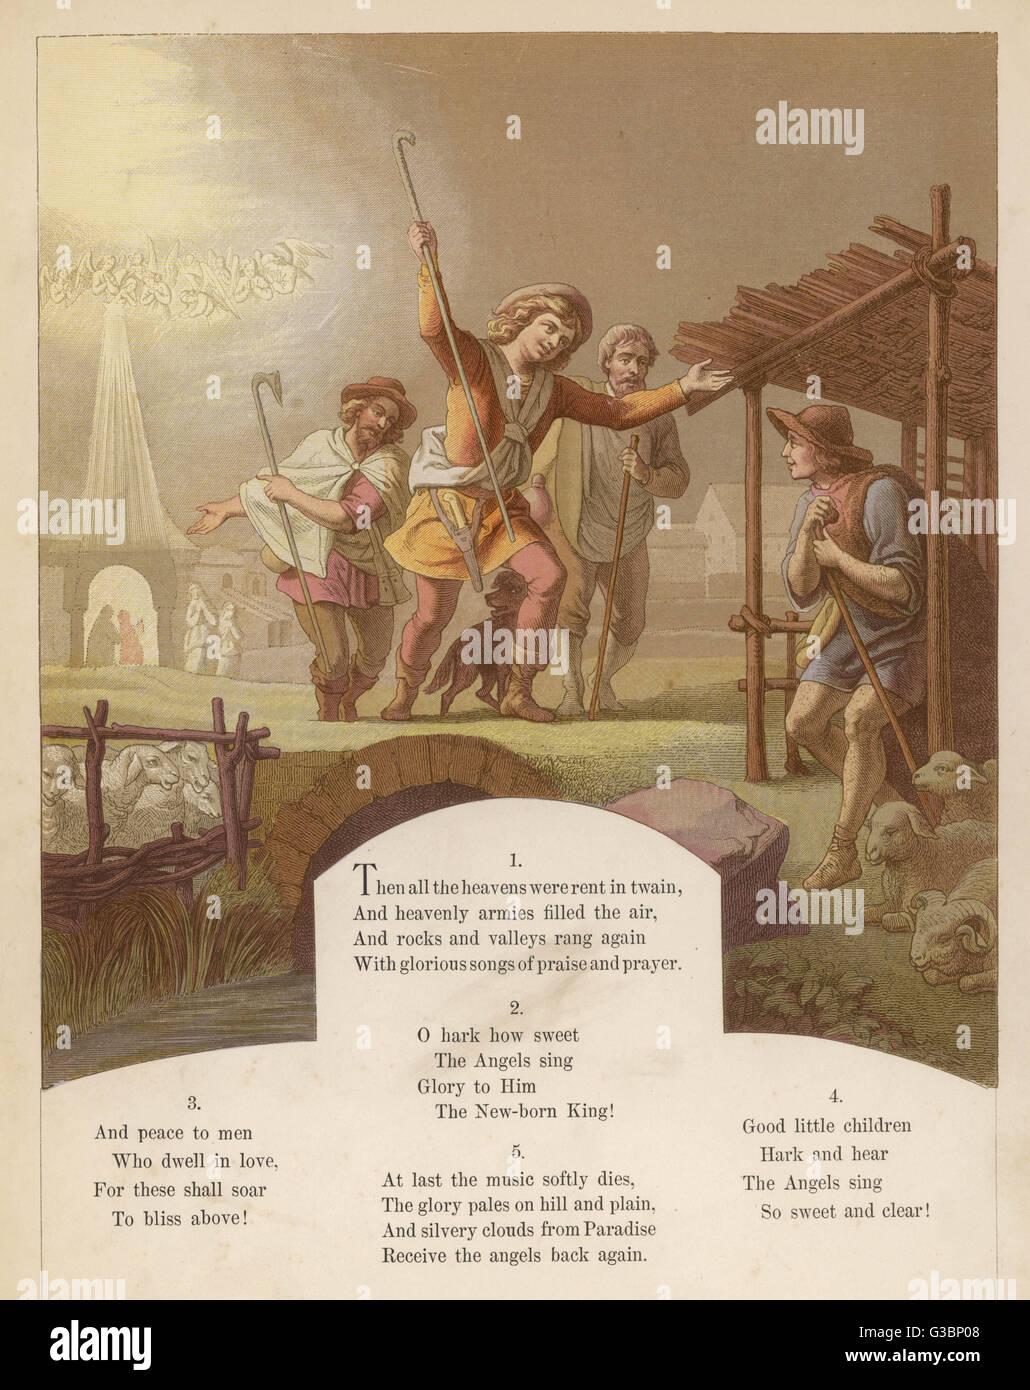 Les armées célestes des anges chante gloire au Roi nouveau-né tandis que les bergers répandre Photo Stock